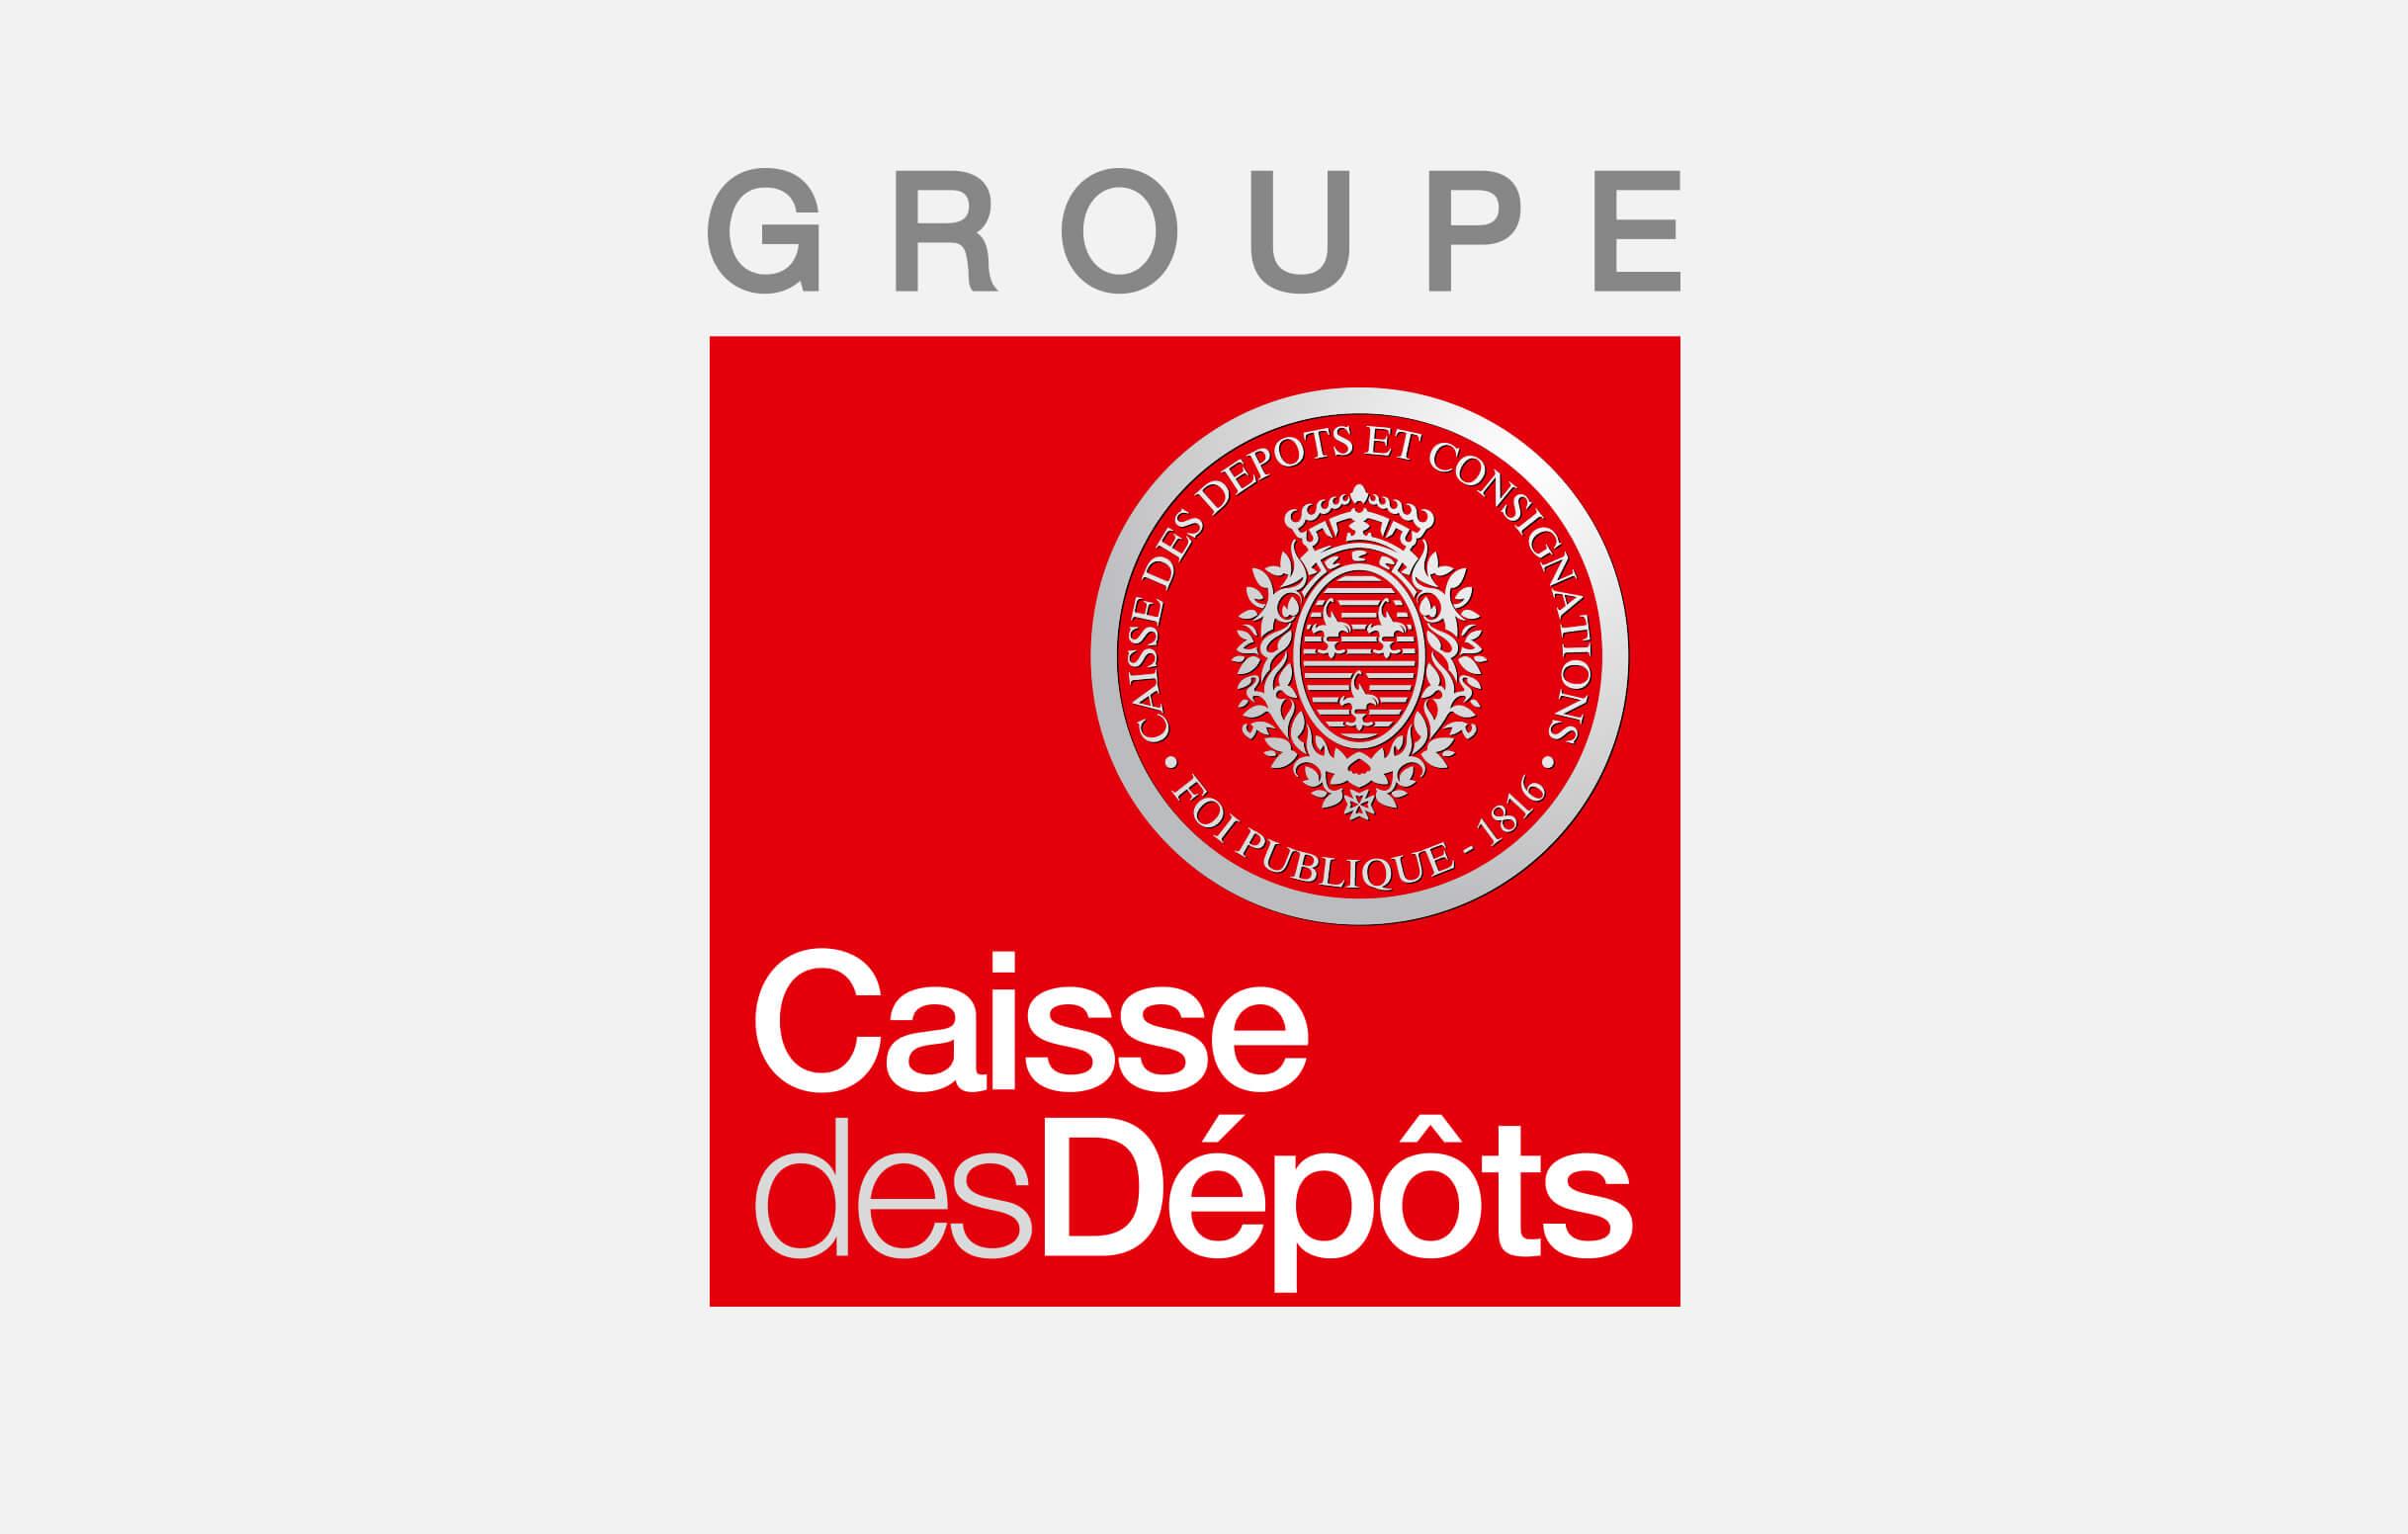 caisse-des-depots-groupe